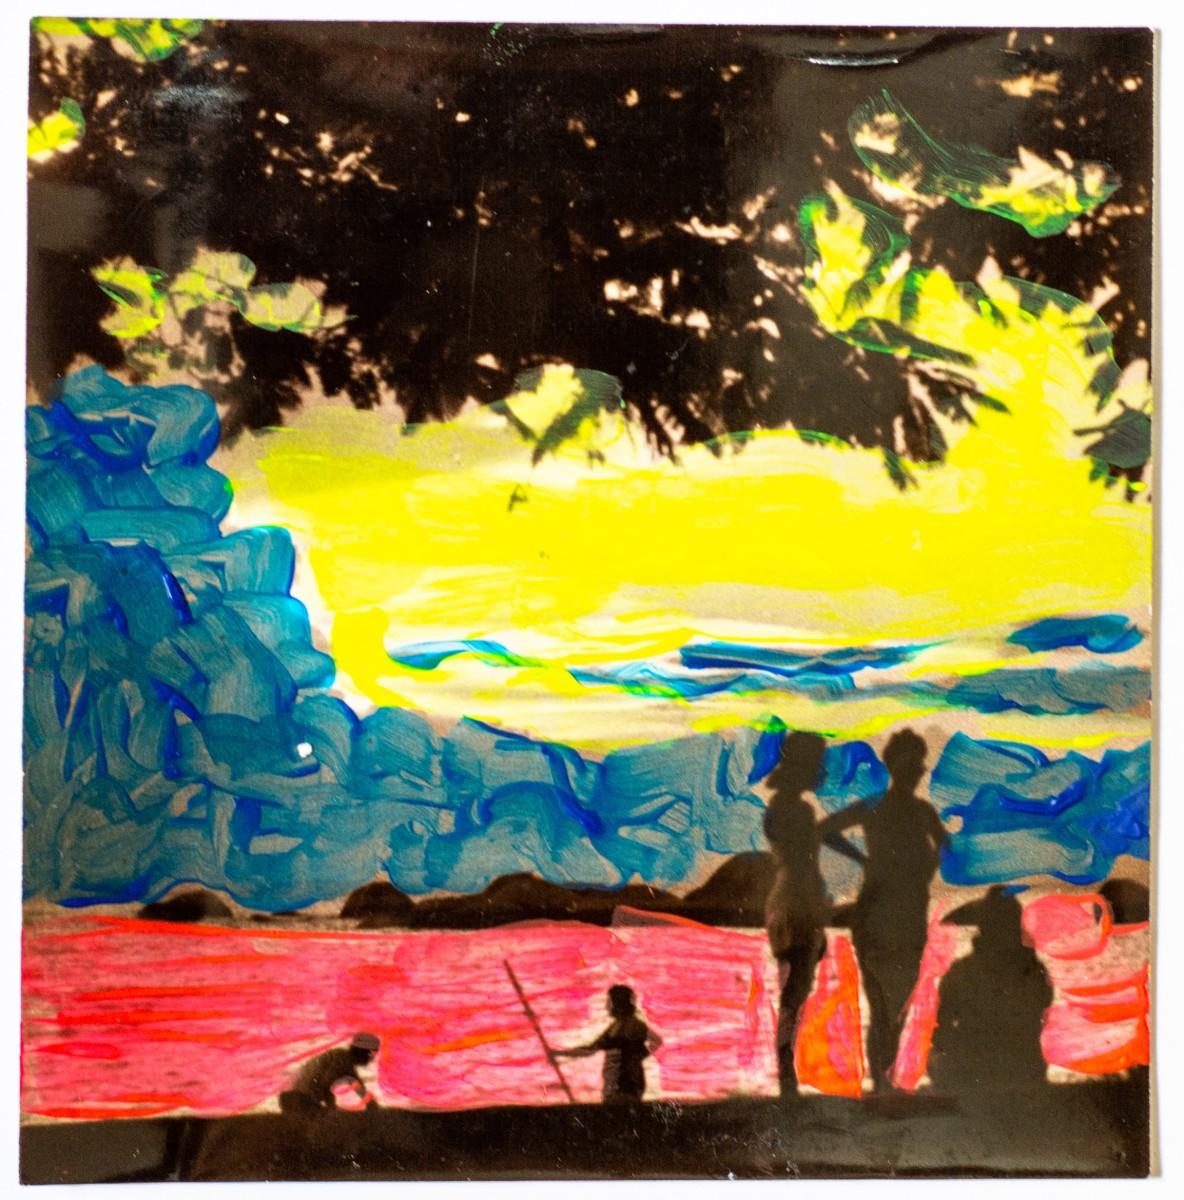 Landscape n.3 by Juliana Naufel (naufss)